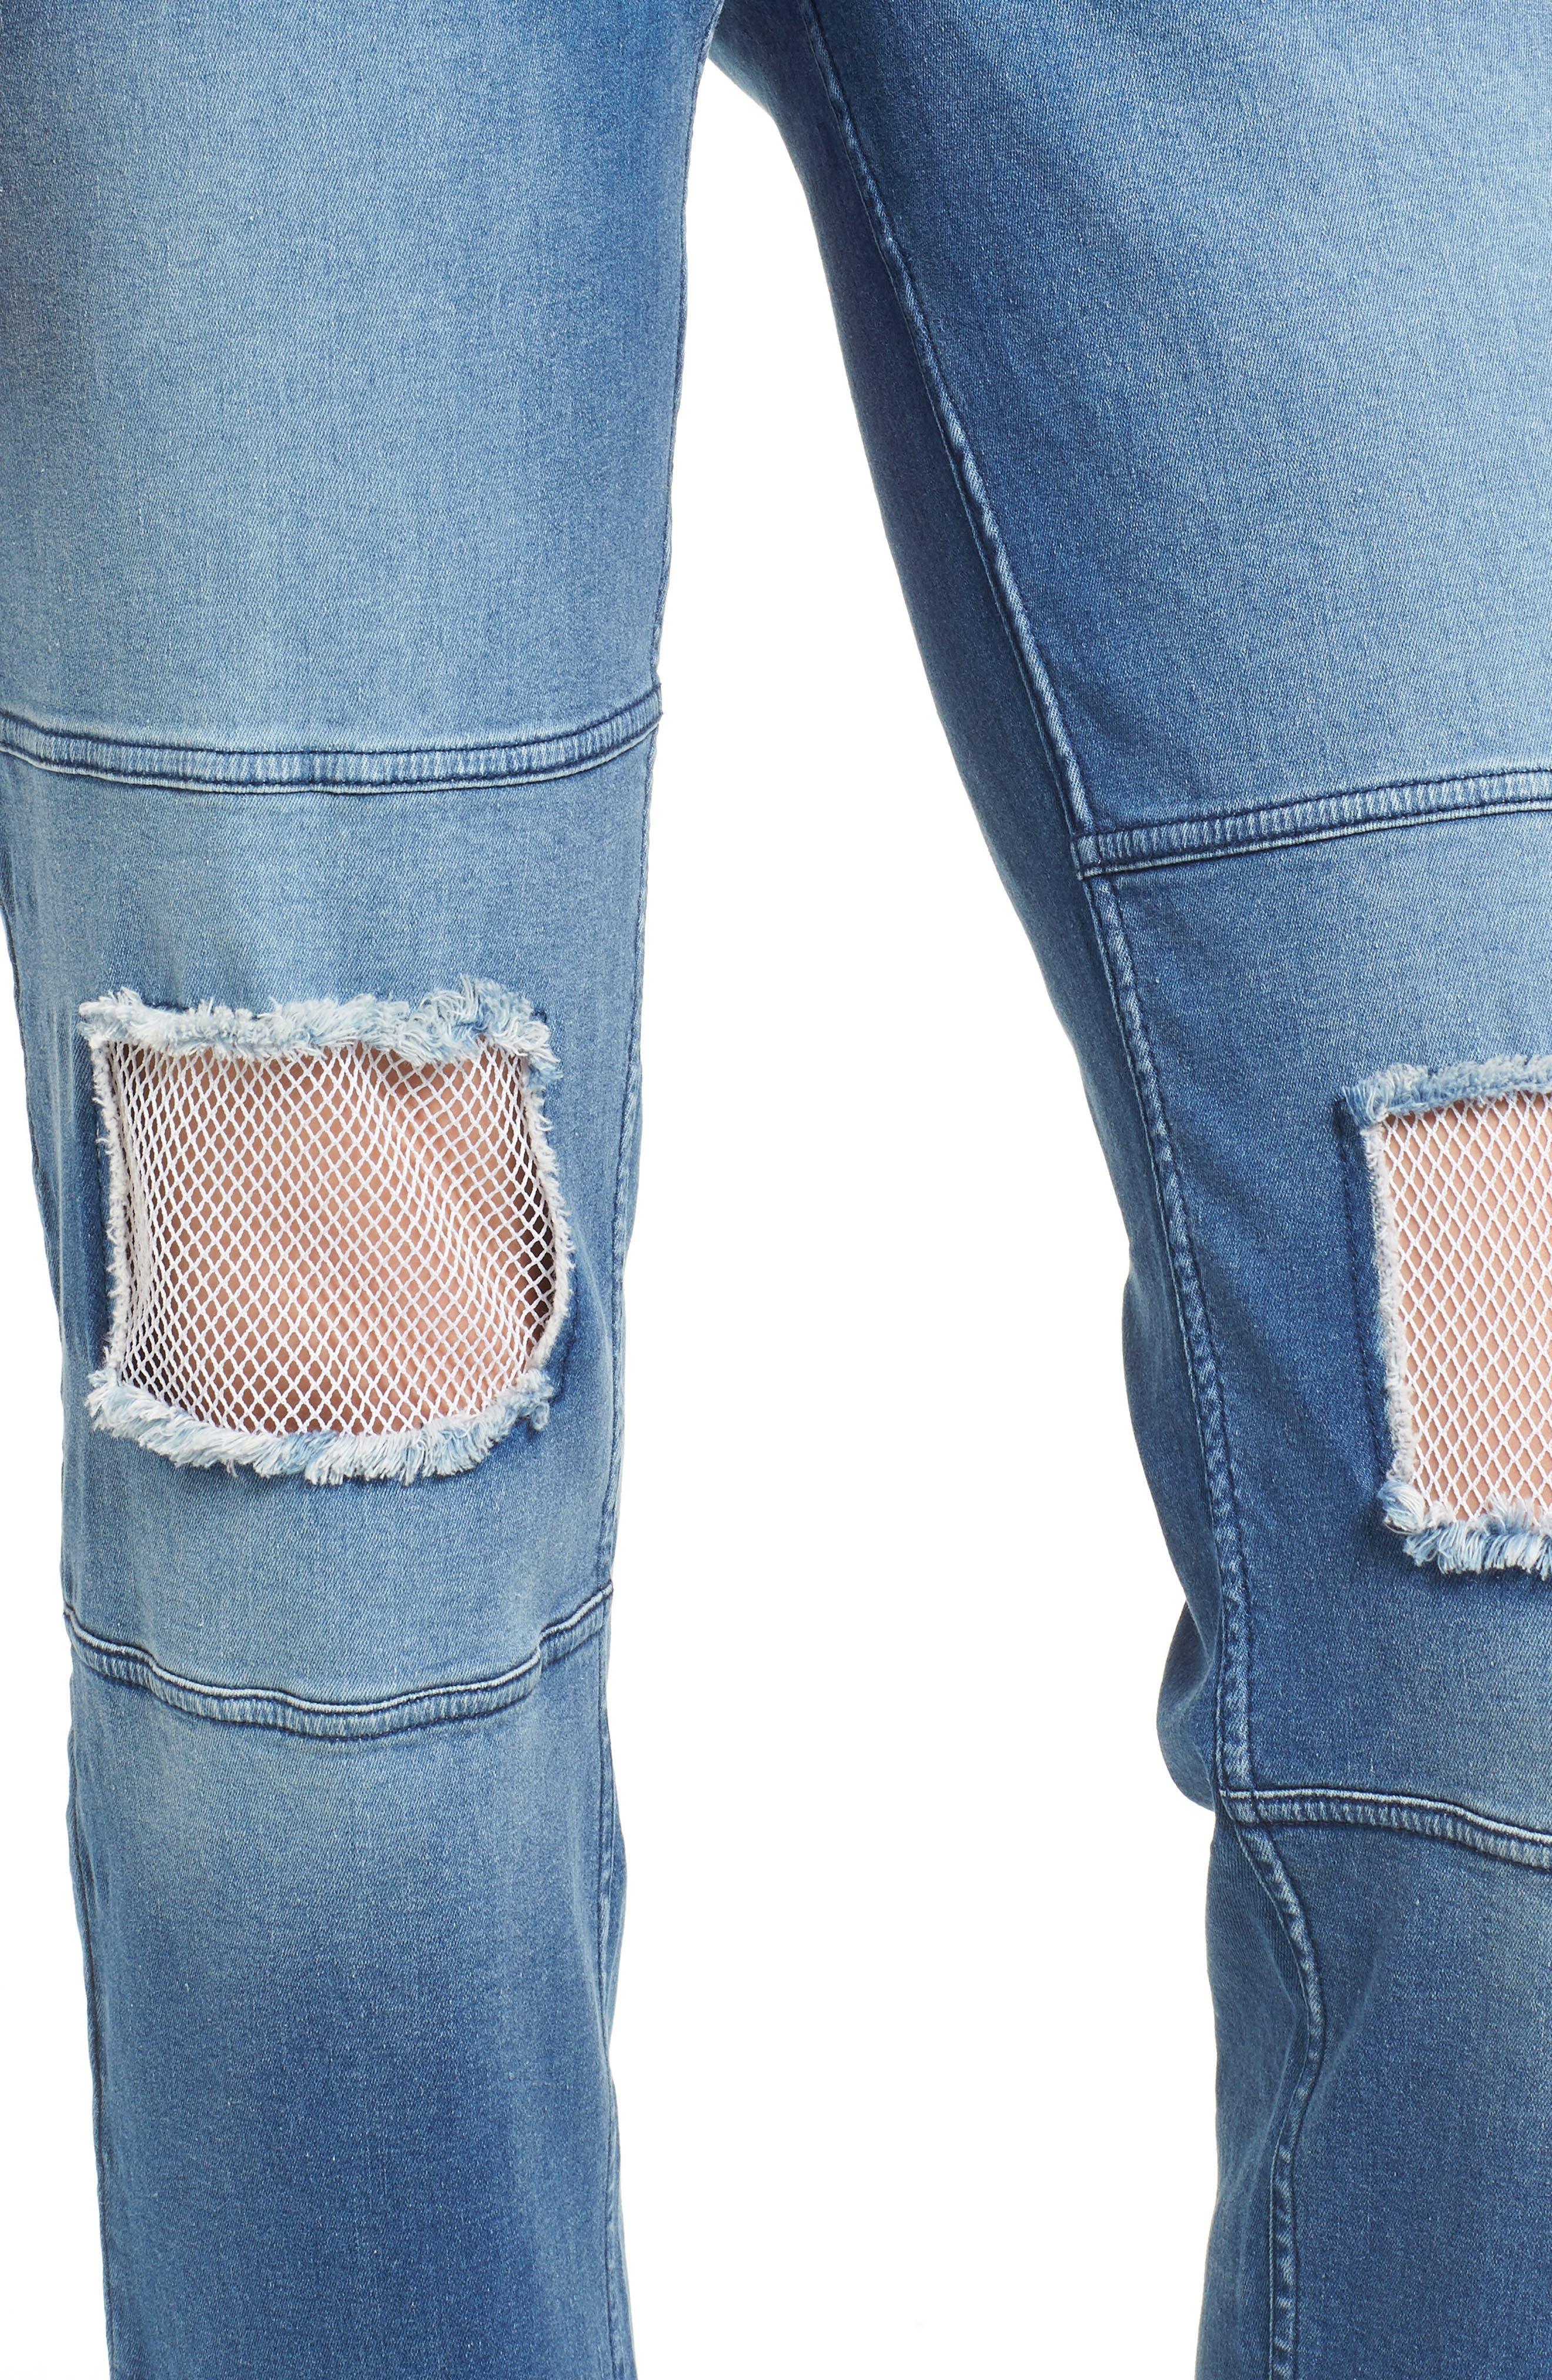 Fishnet Knee Patch Denim Skimmer Leggings,                             Alternate thumbnail 4, color,                             Stonewash